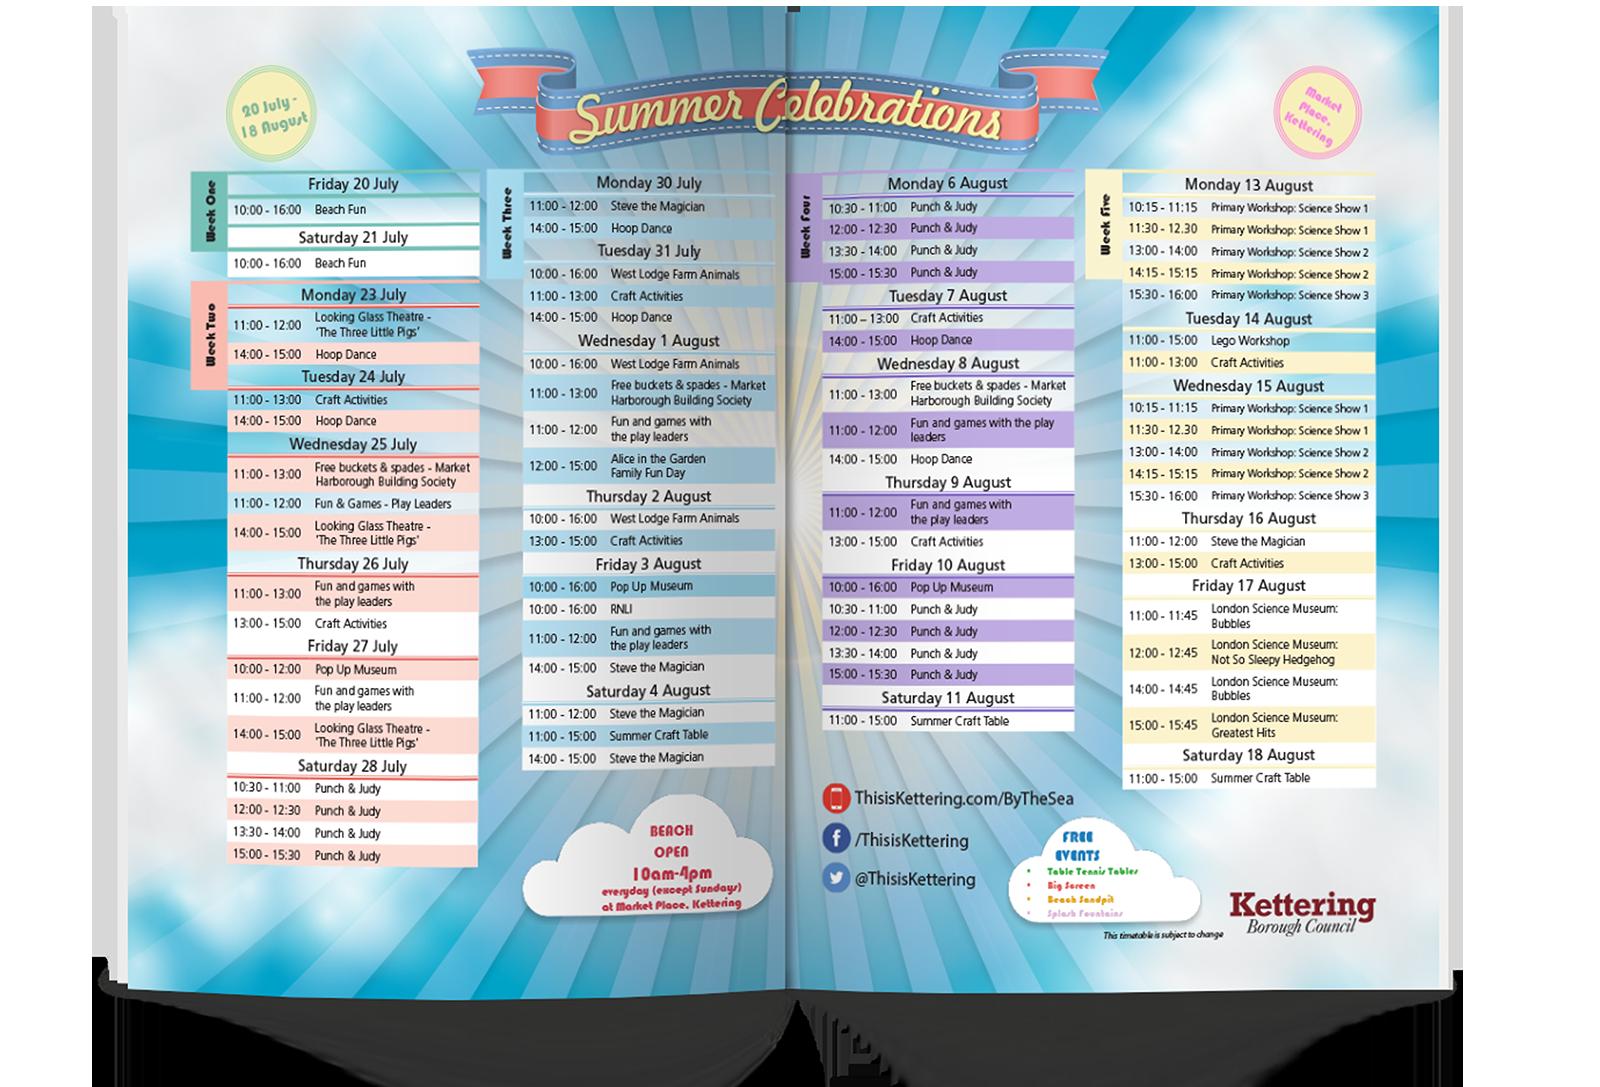 Timetable Mockup